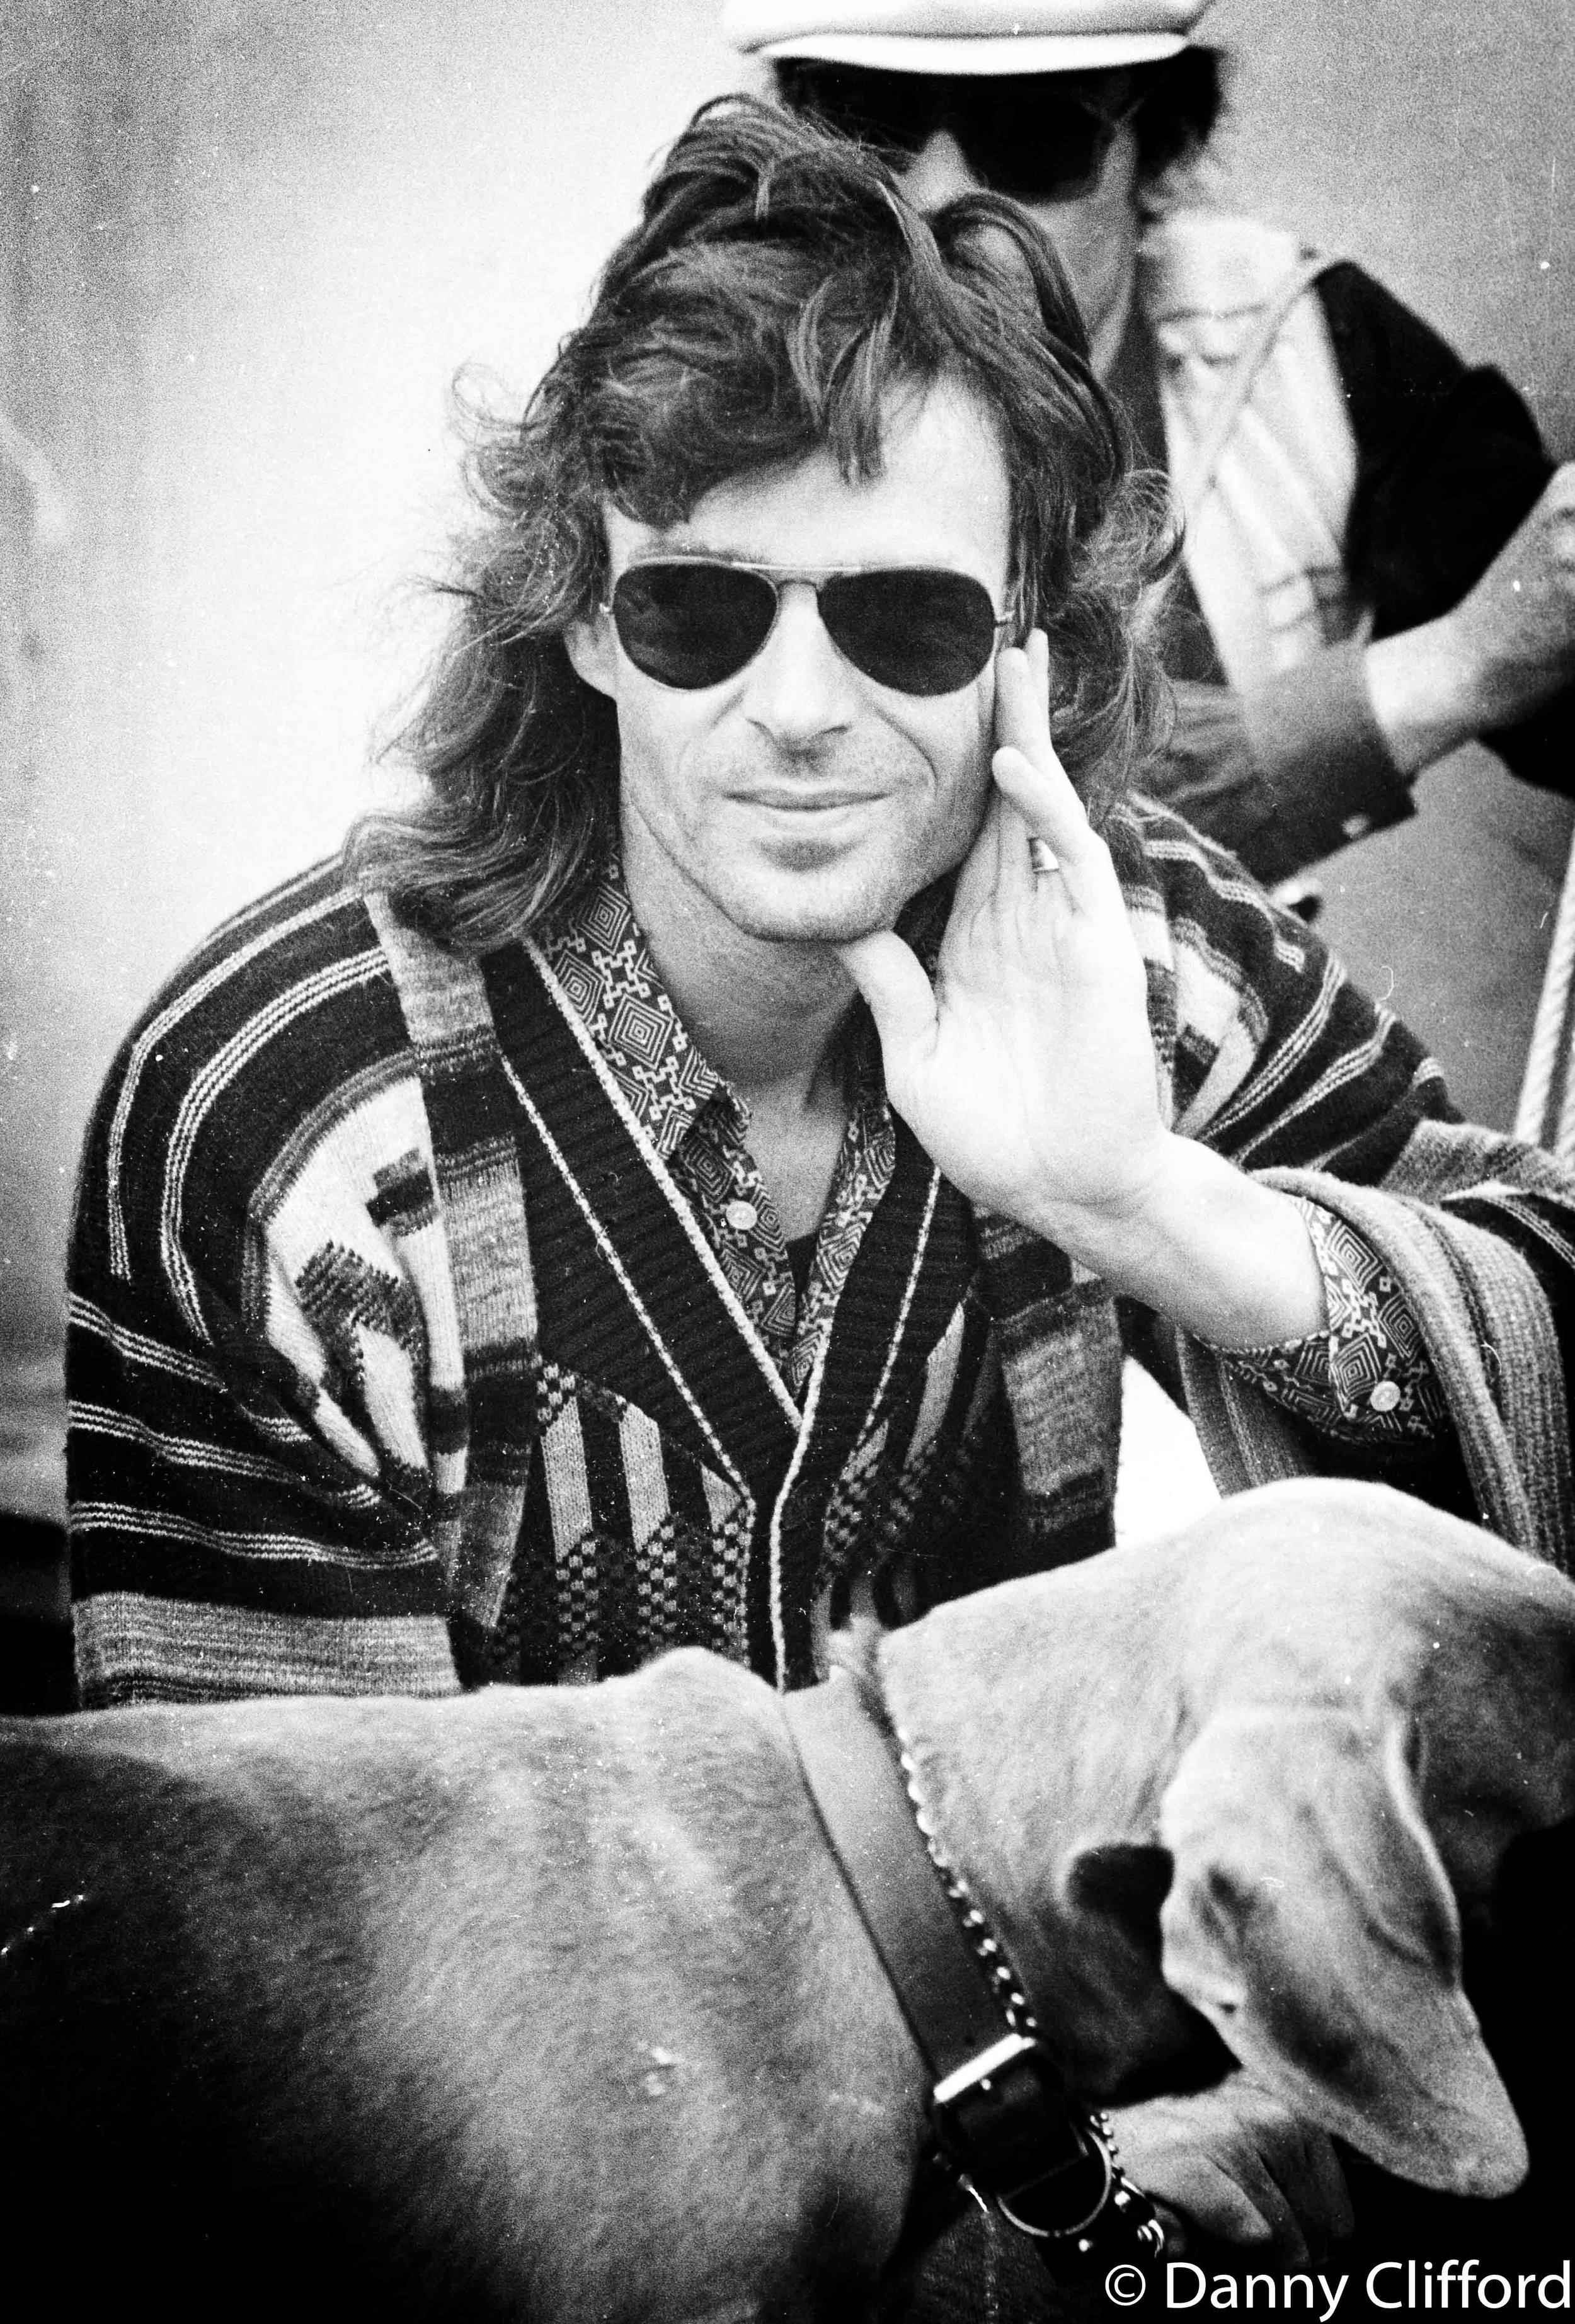 1974, London